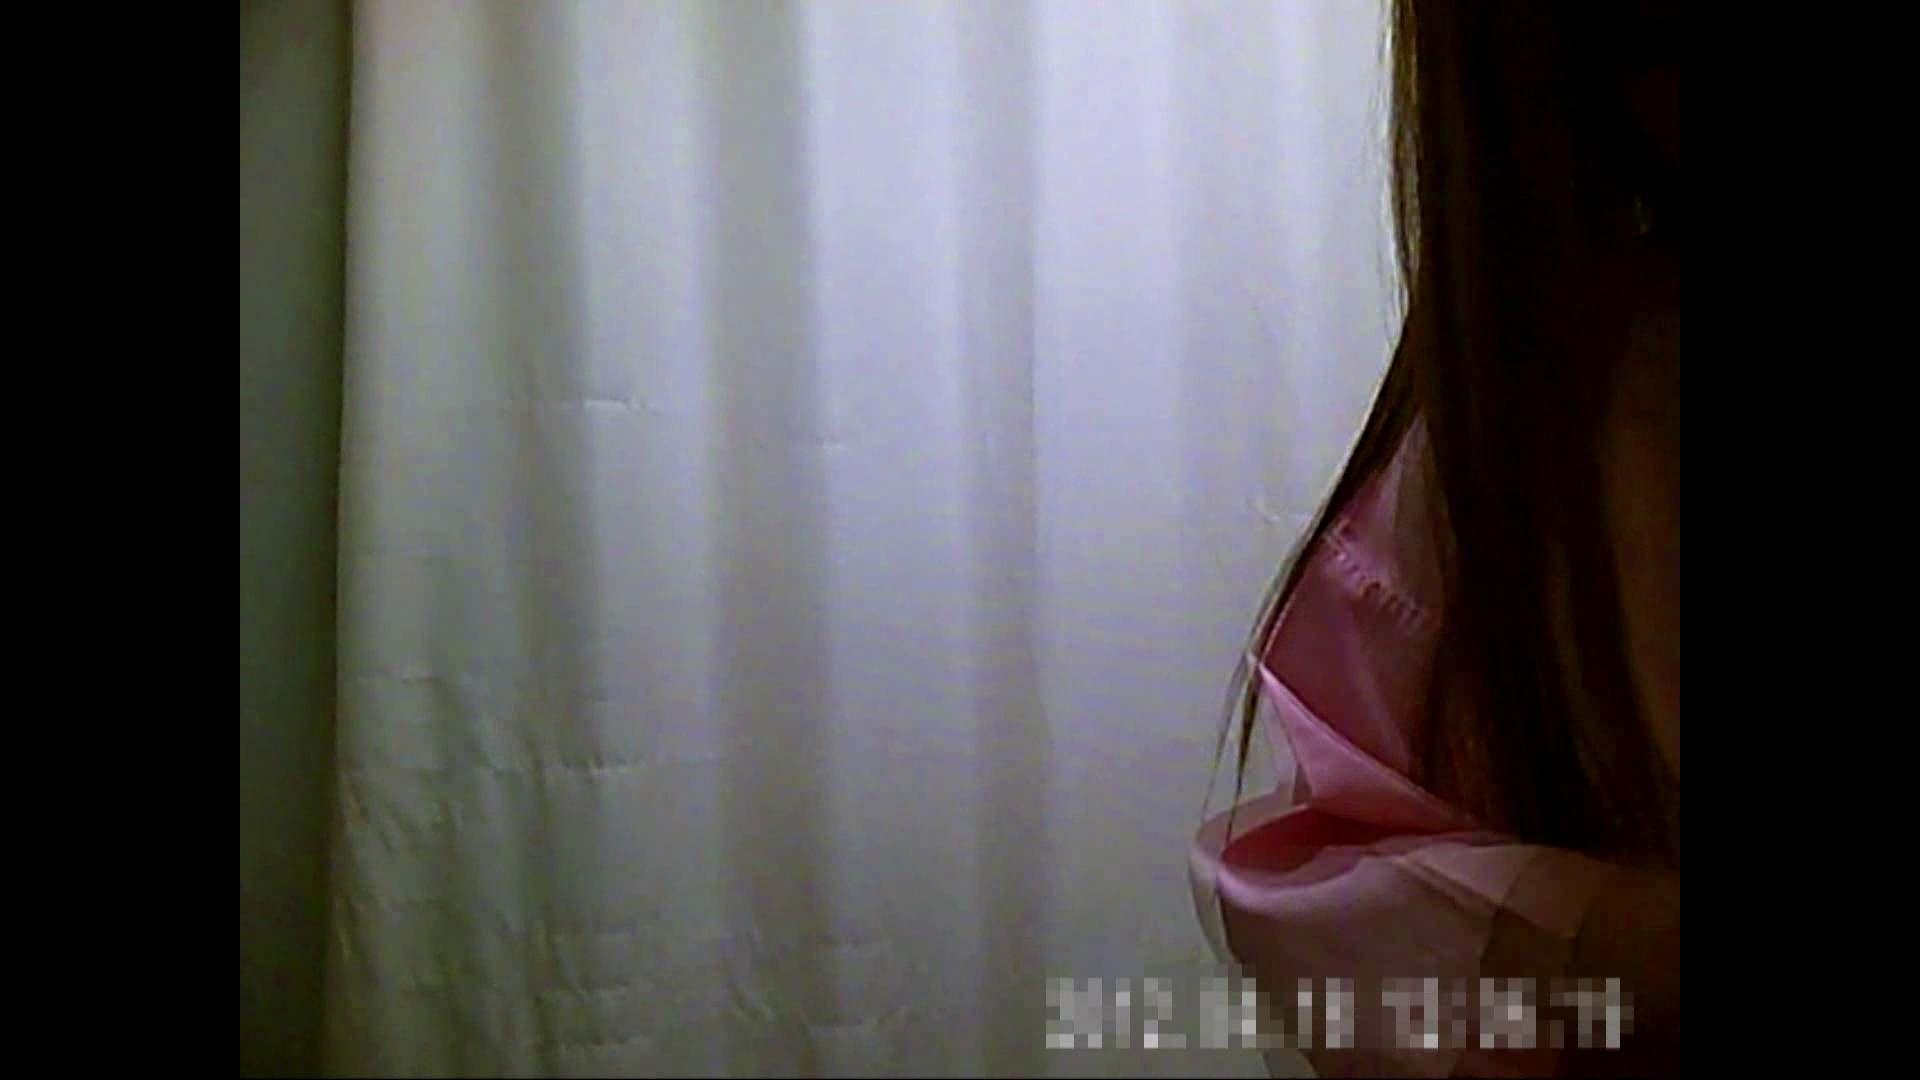 元医者による反抗 更衣室地獄絵巻 vol.015 エッチなお姉さん オマンコ無修正動画無料 105画像 65